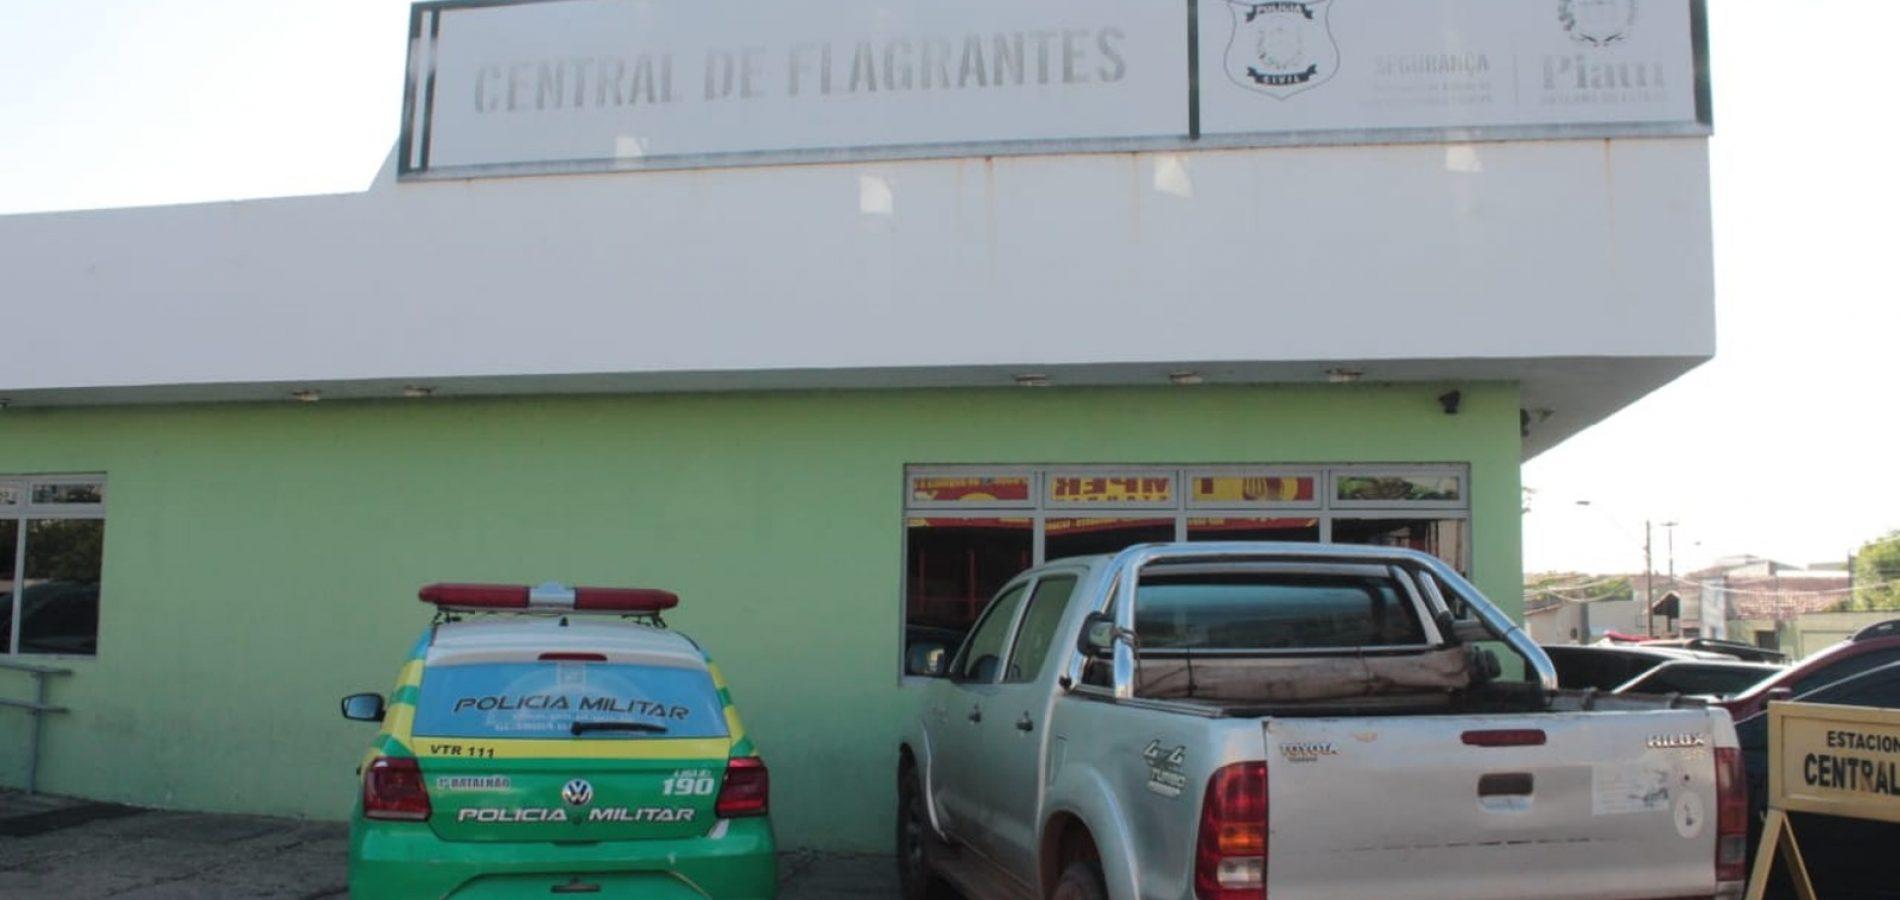 No Piauí, criminosos invadem delegacia e tentam furtar moto apreendida durante operação